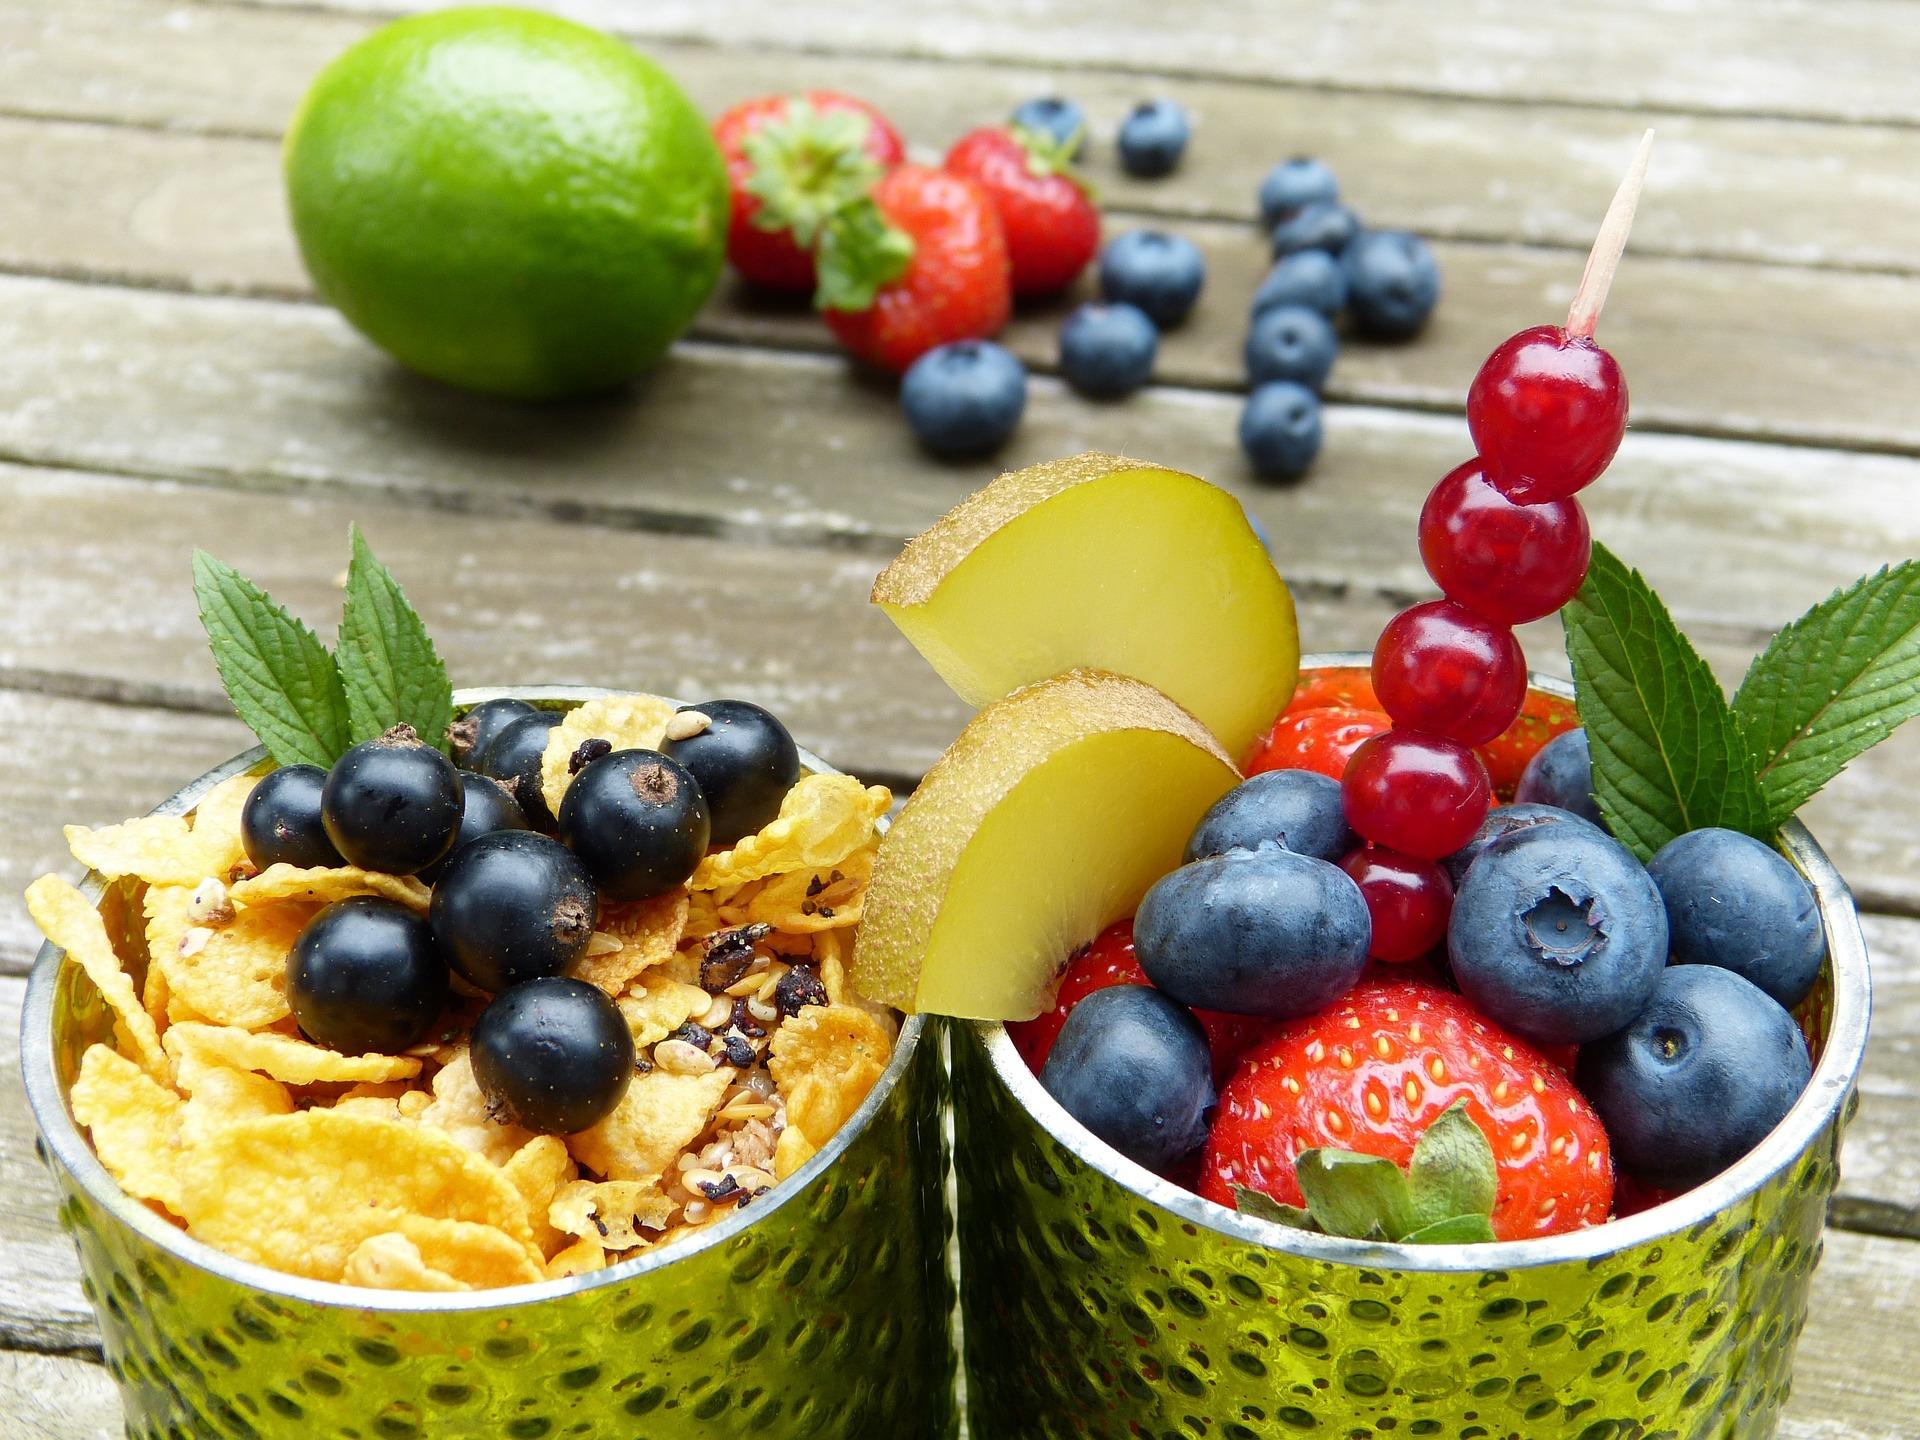 Obst und Gemüse gegen Corona